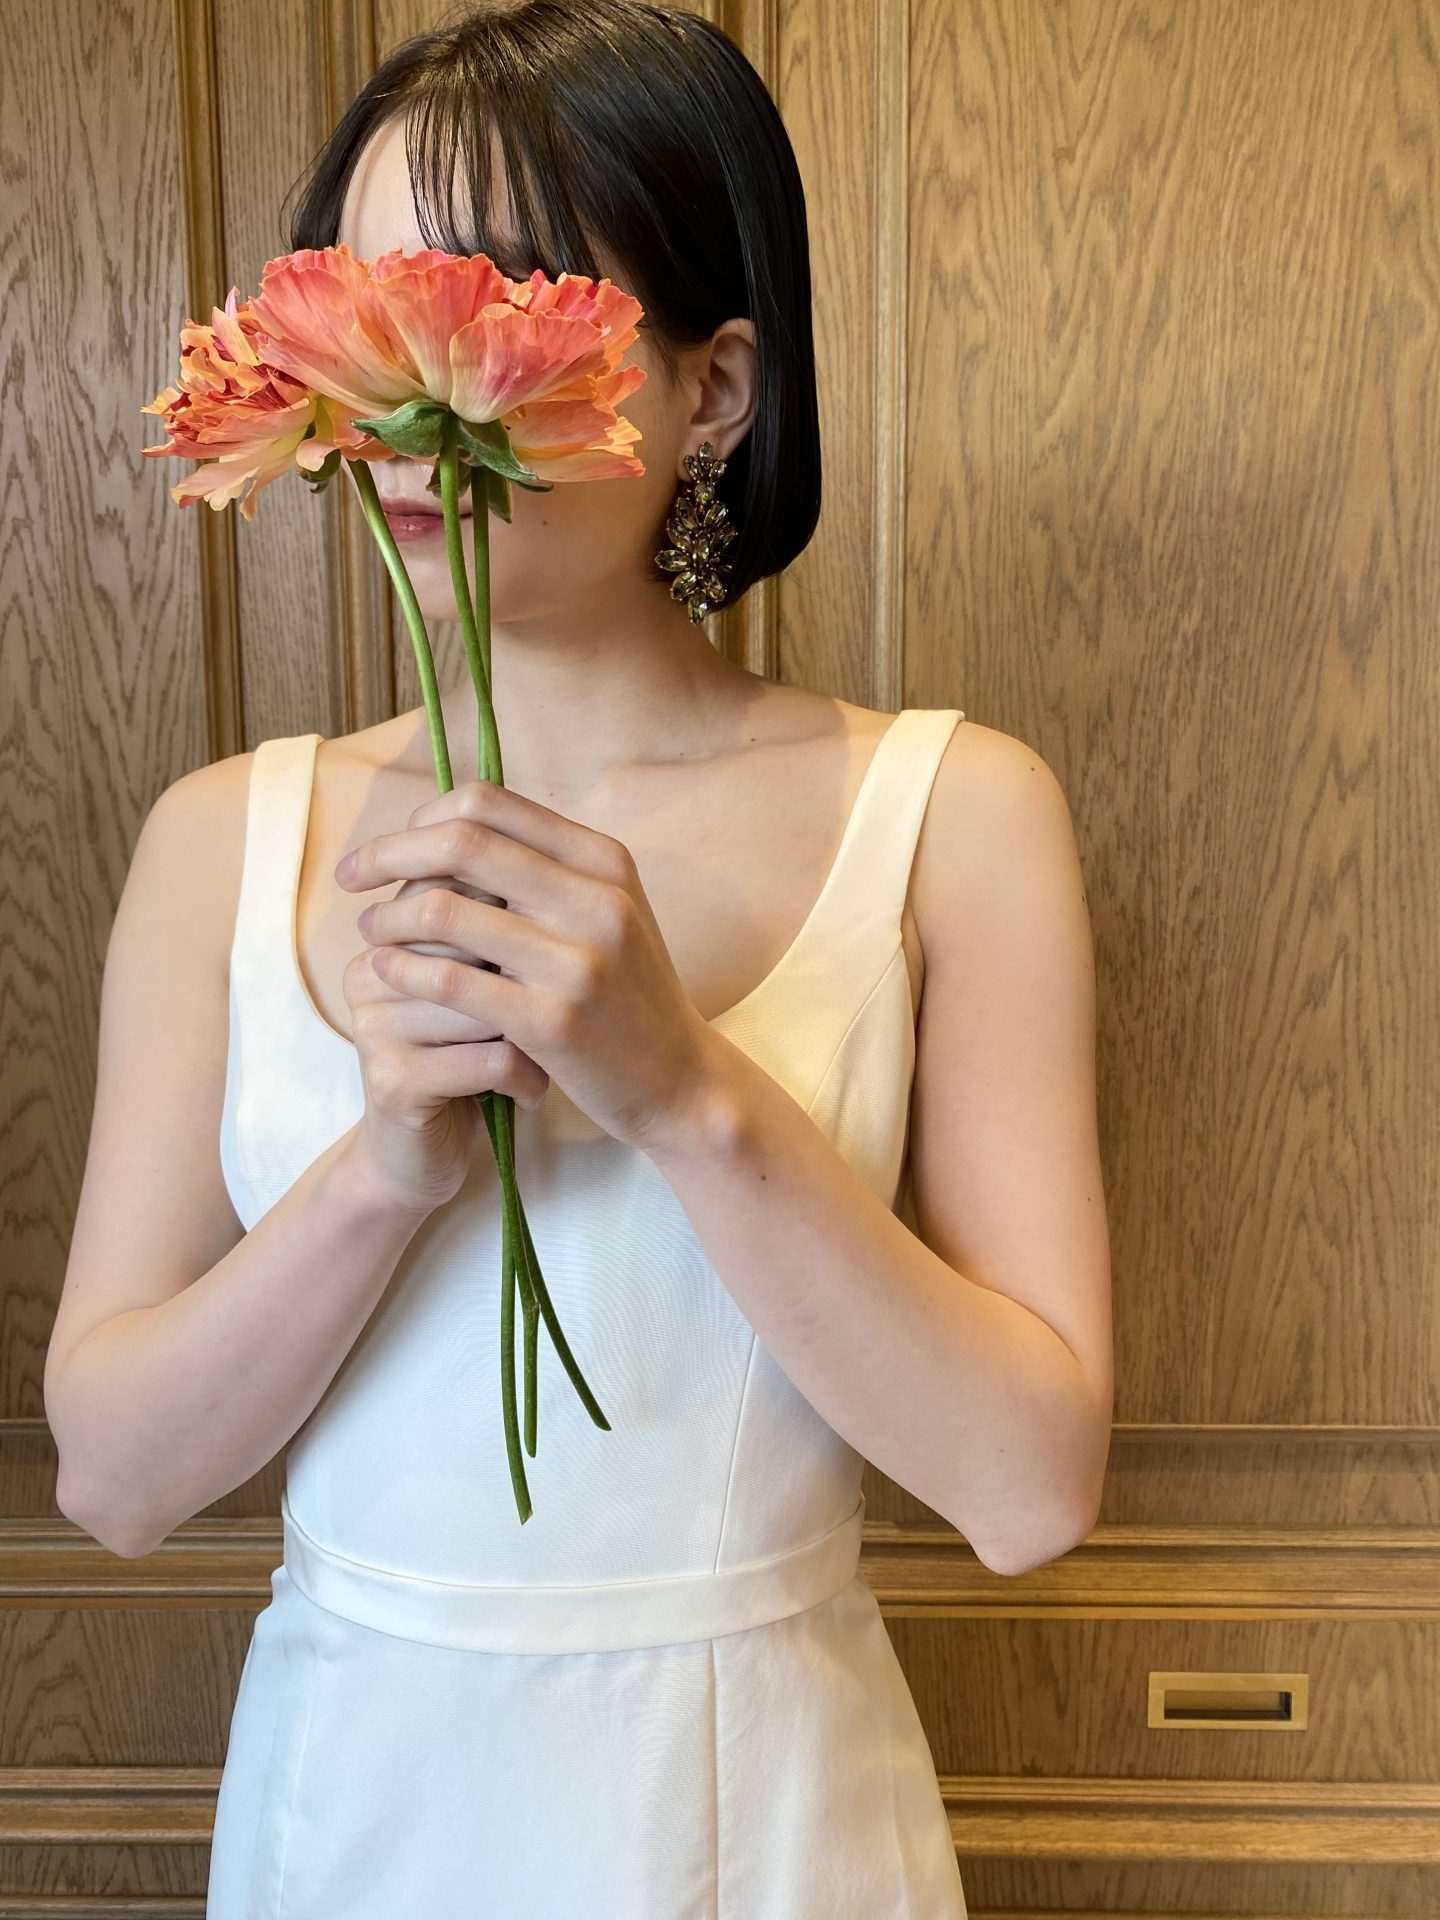 THE TREAT DRESSING名古屋店がアットホームな結婚式をイメージの花嫁様にお届けしたいウェディングドレス